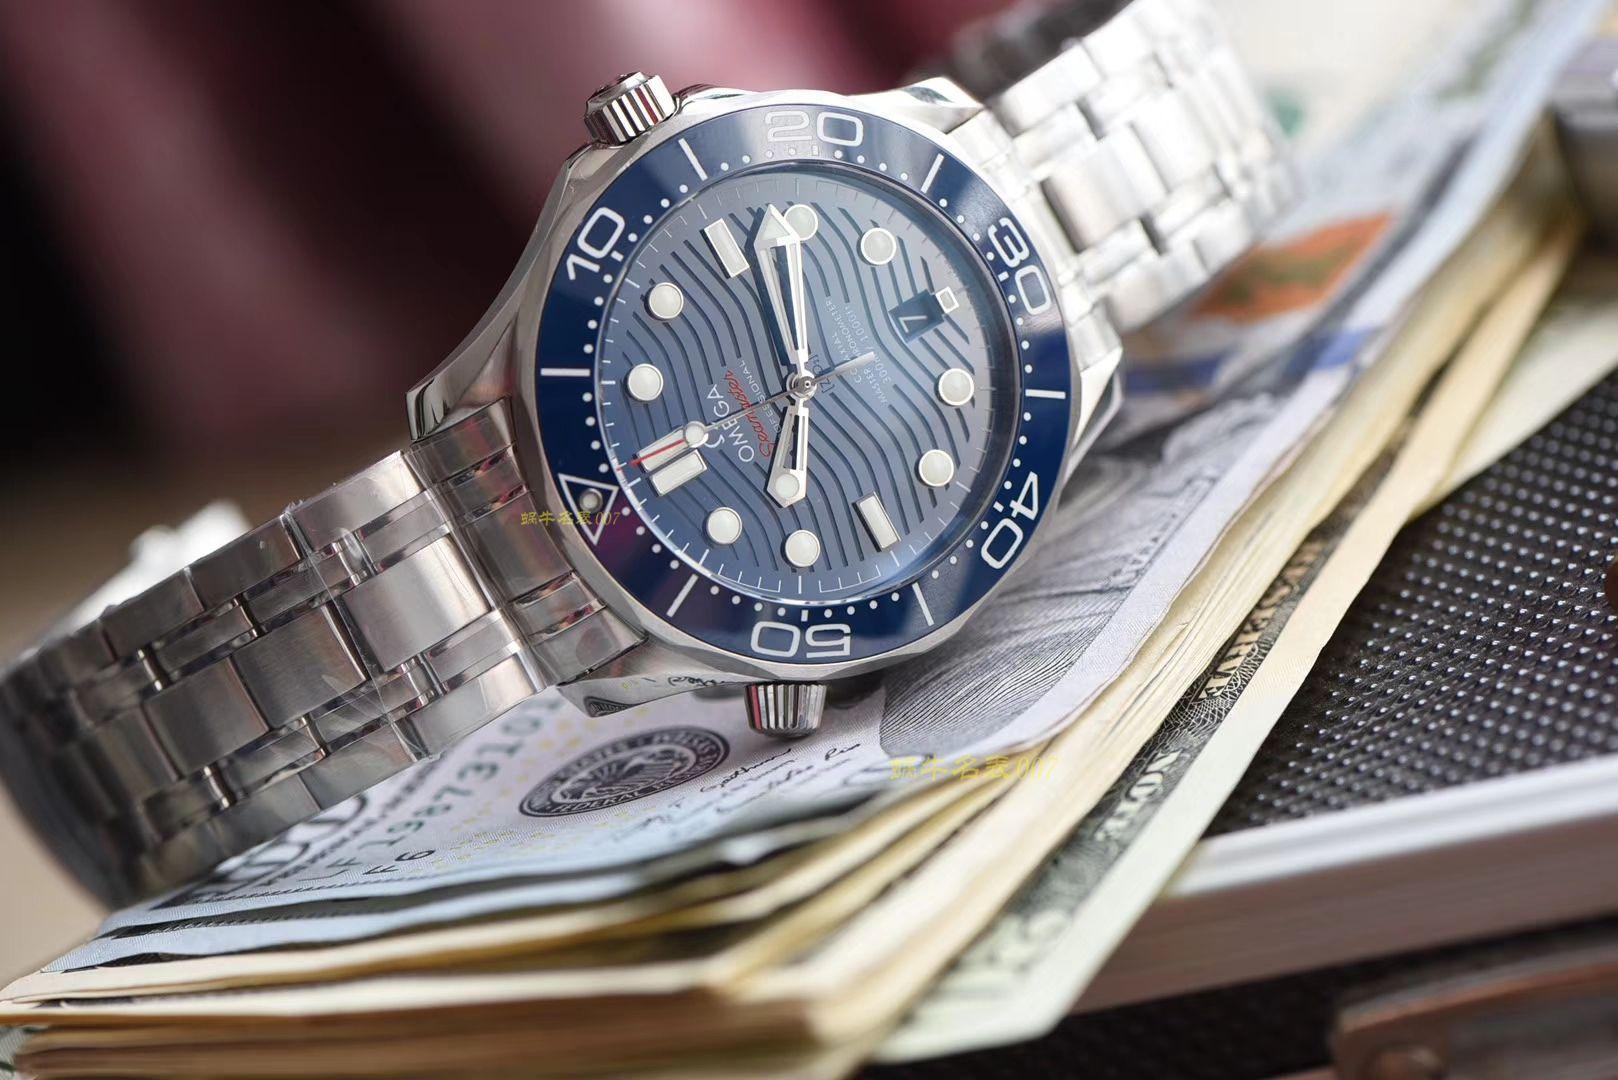 【视频评测】欧米茄海马系列210.30.42.20.03.001腕表(VS厂一比一高仿手表007代言广告款) / M360